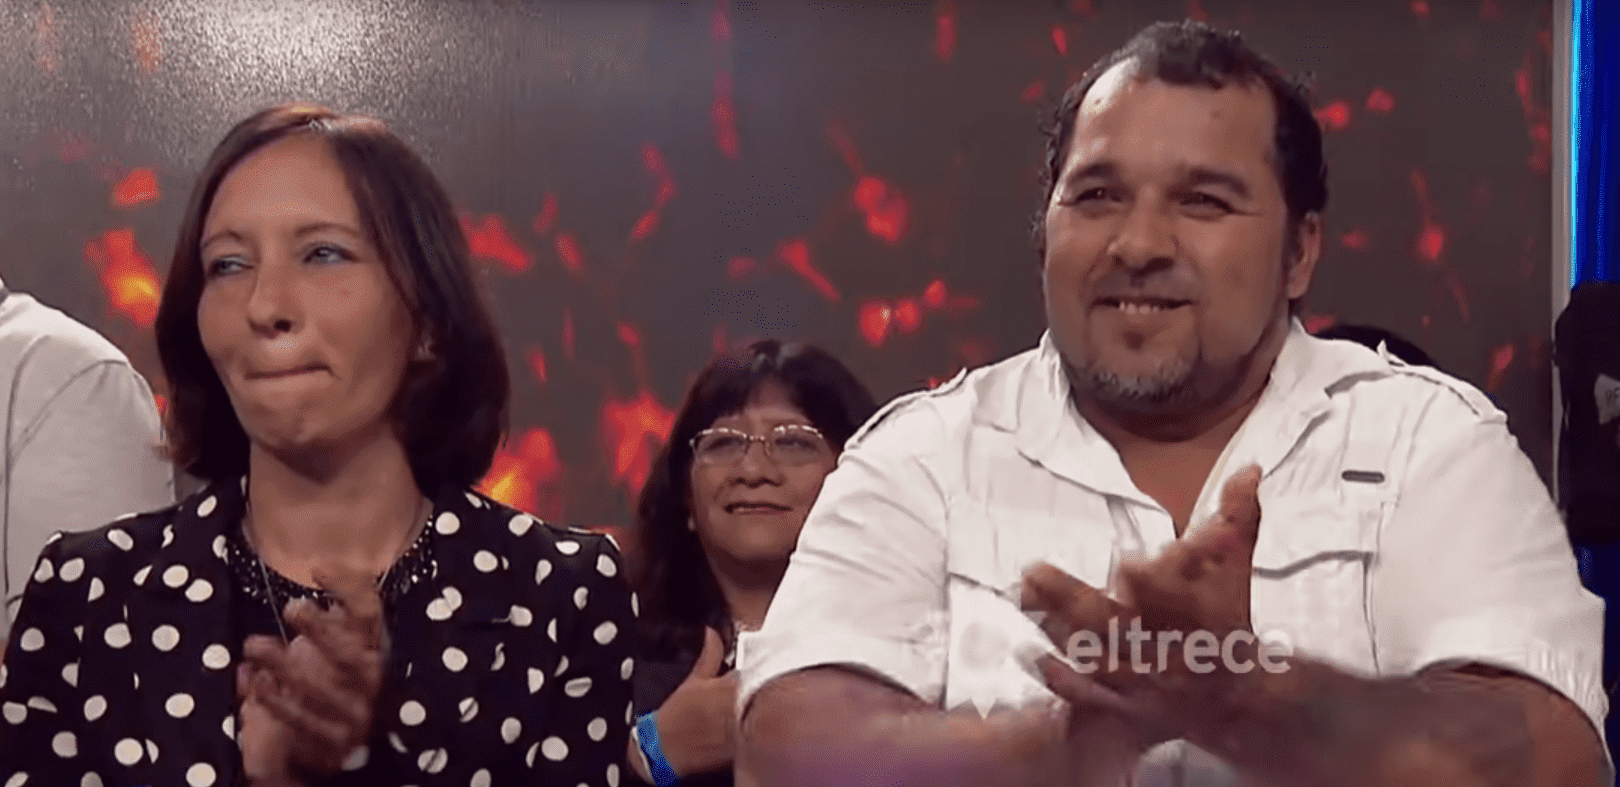 Eltern von Carlos Milanesi während seines Auftritts | Quelle: YouTube/El Trece